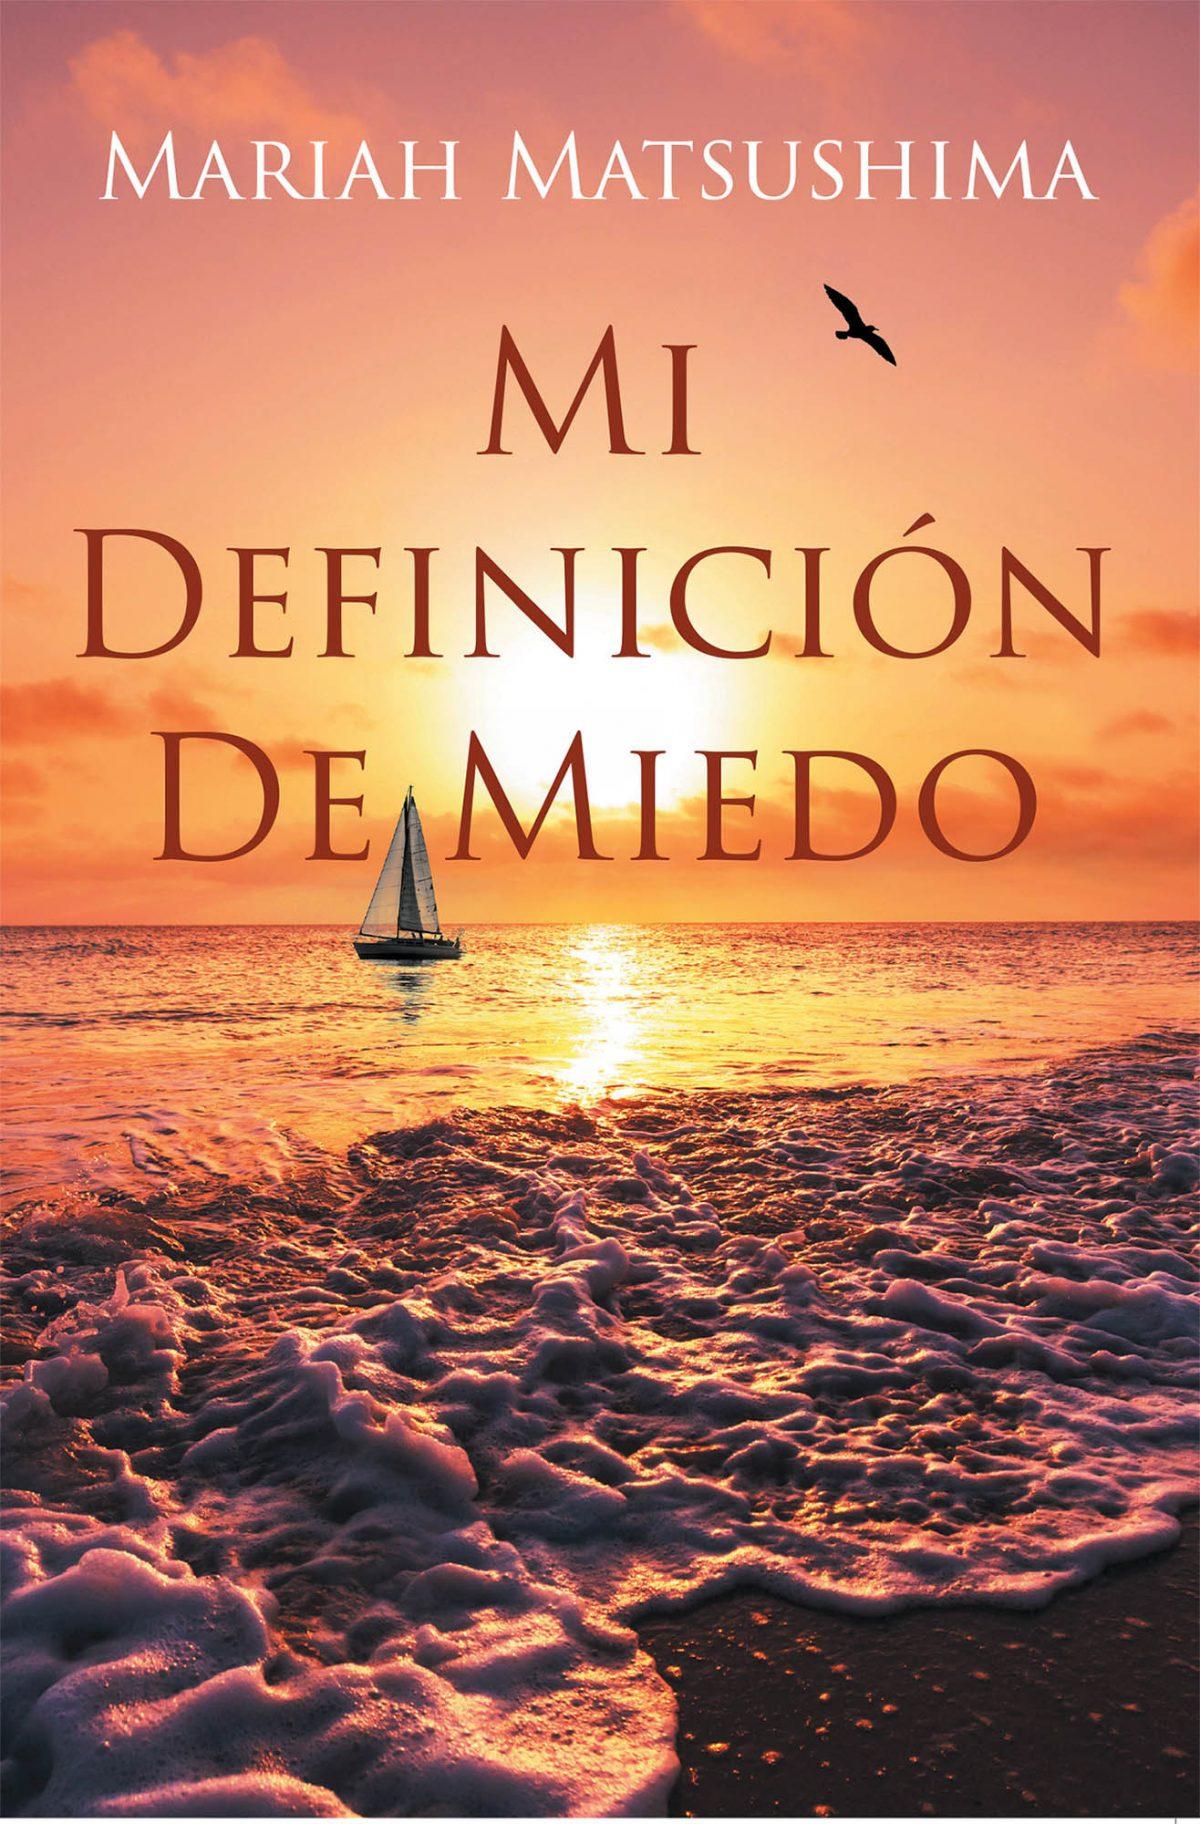 El Nuevo Libro De Mariah Matsushima, Mi Definición De Miedo, Una Obra Donde Podrá Encontrarse, Asimismo, Es Un Espejo Donde Se Reflejarán Sus Miedos